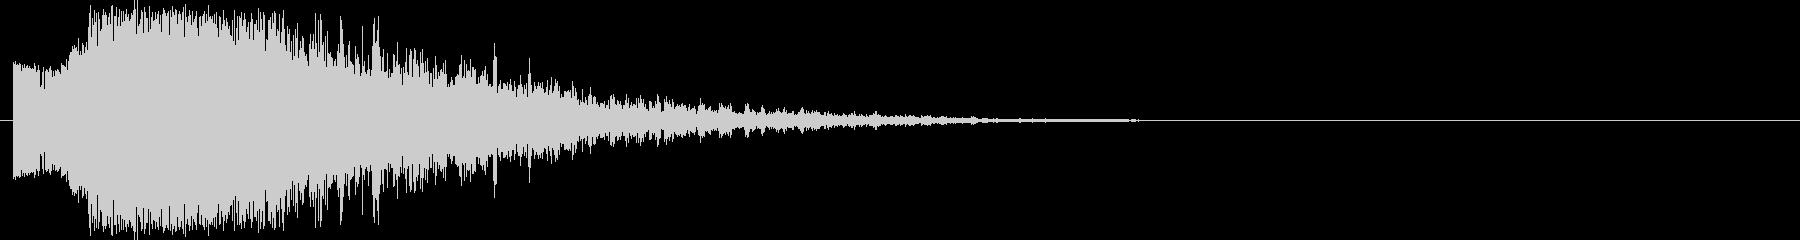 派手で印象的な斬撃音#7の未再生の波形